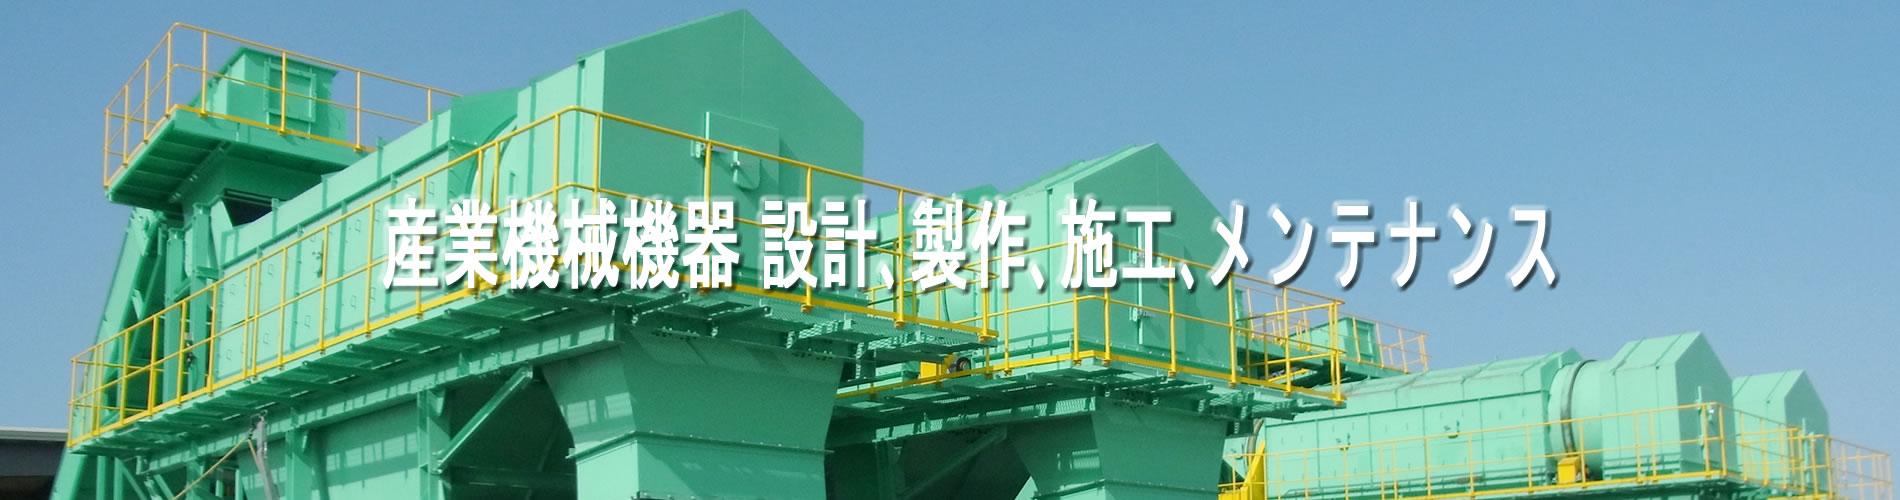 産業機械機器 設計、製作、施工、メンテナンス